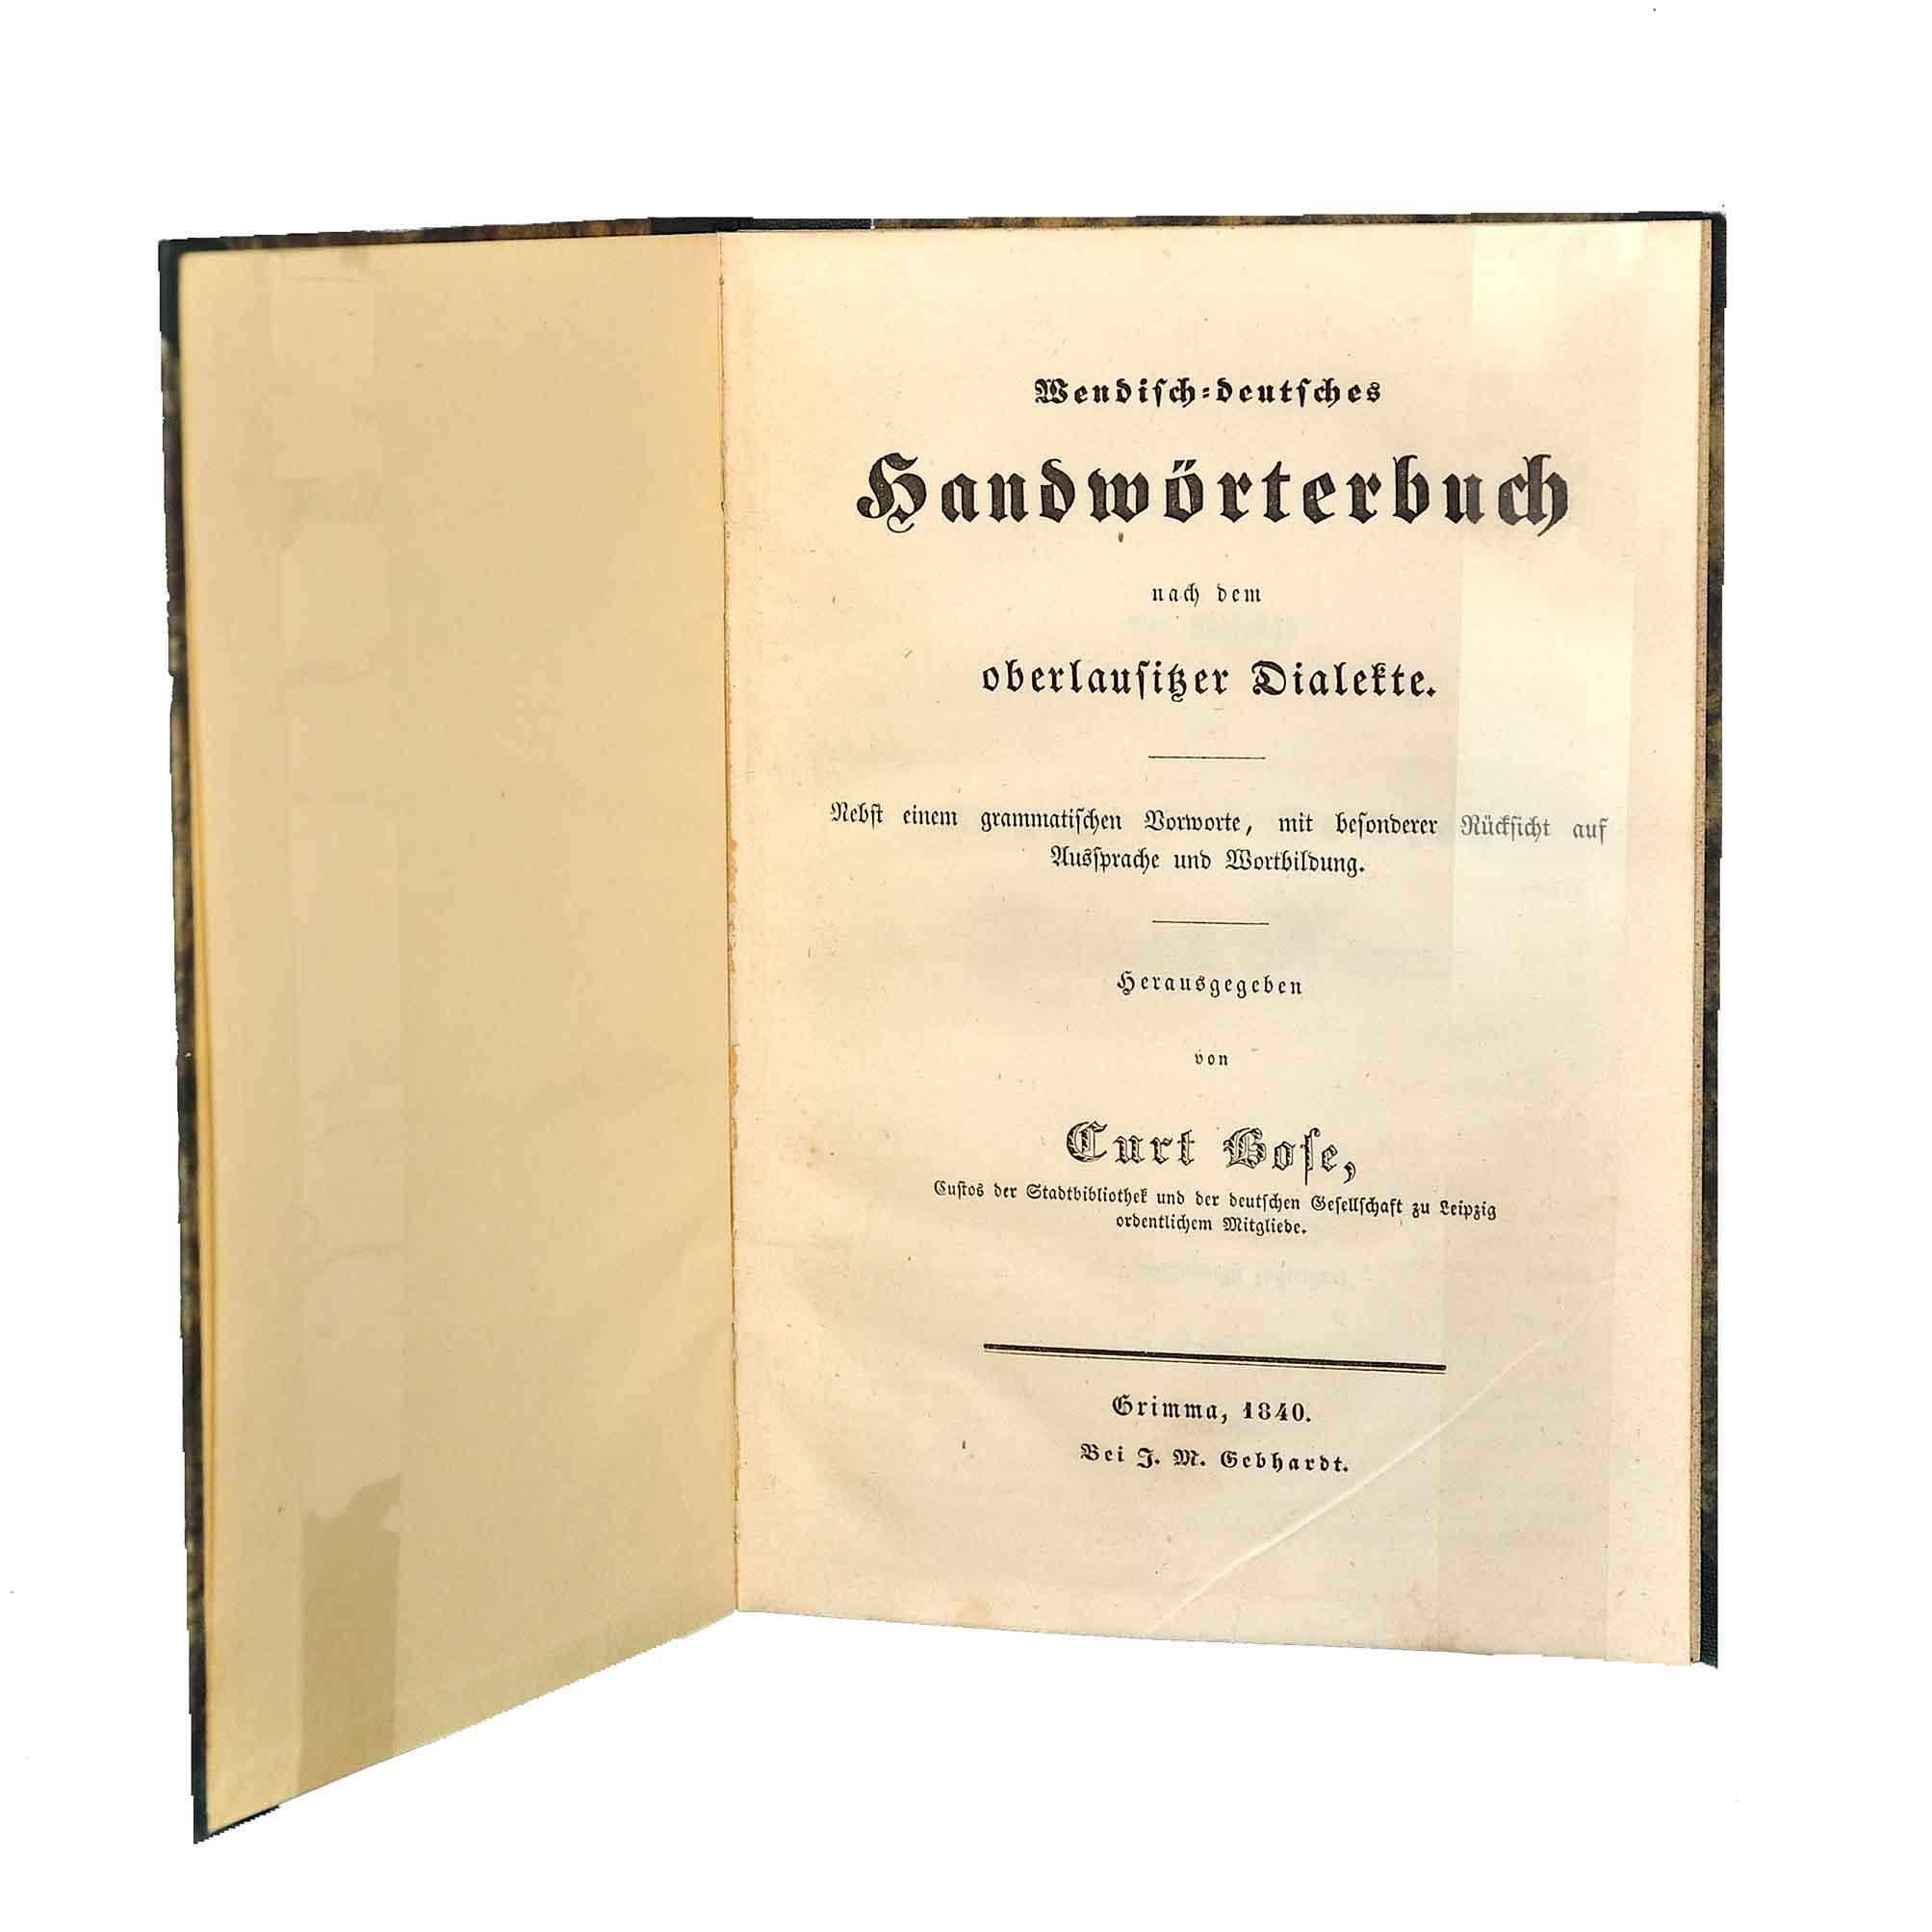 1136-Bose-Sorbisch-1840-Titel-frei-N.jpeg